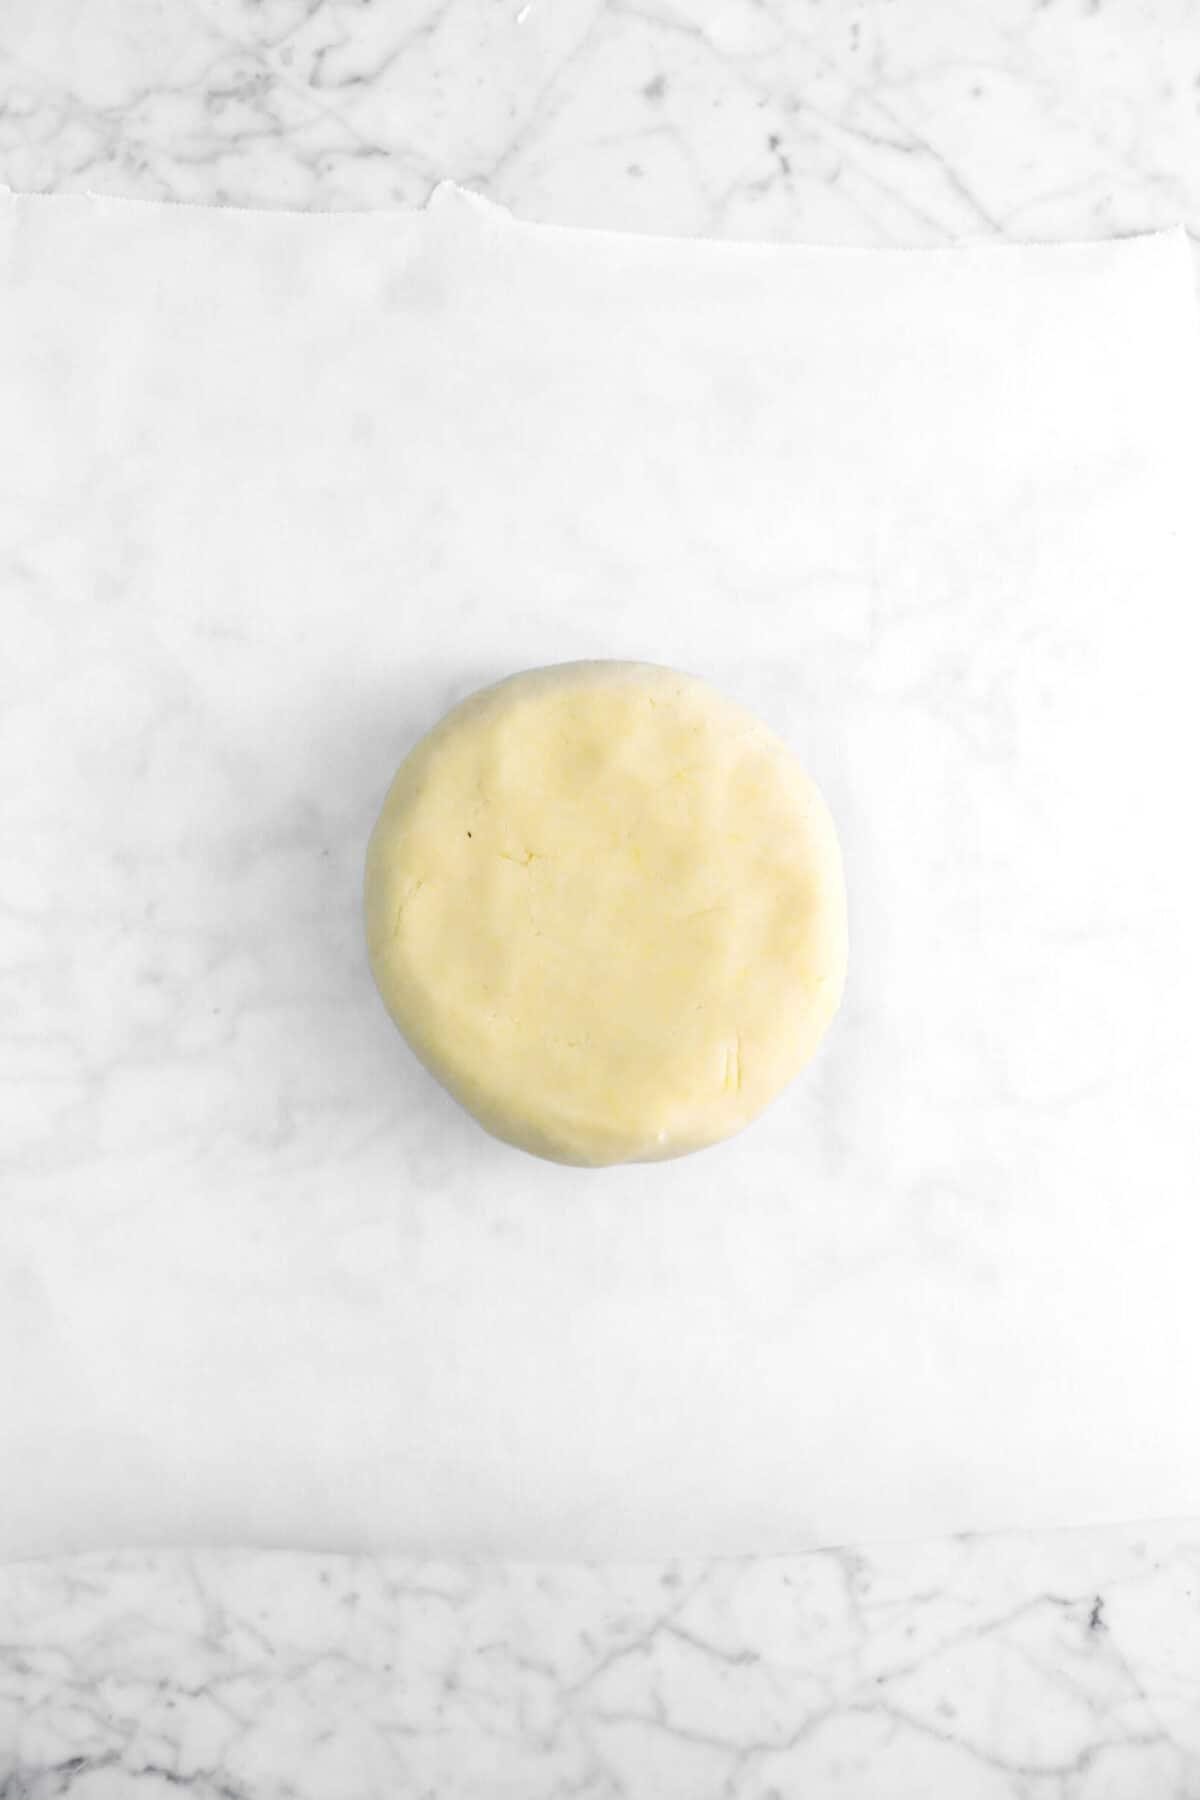 shortbread dough on piece of parchment